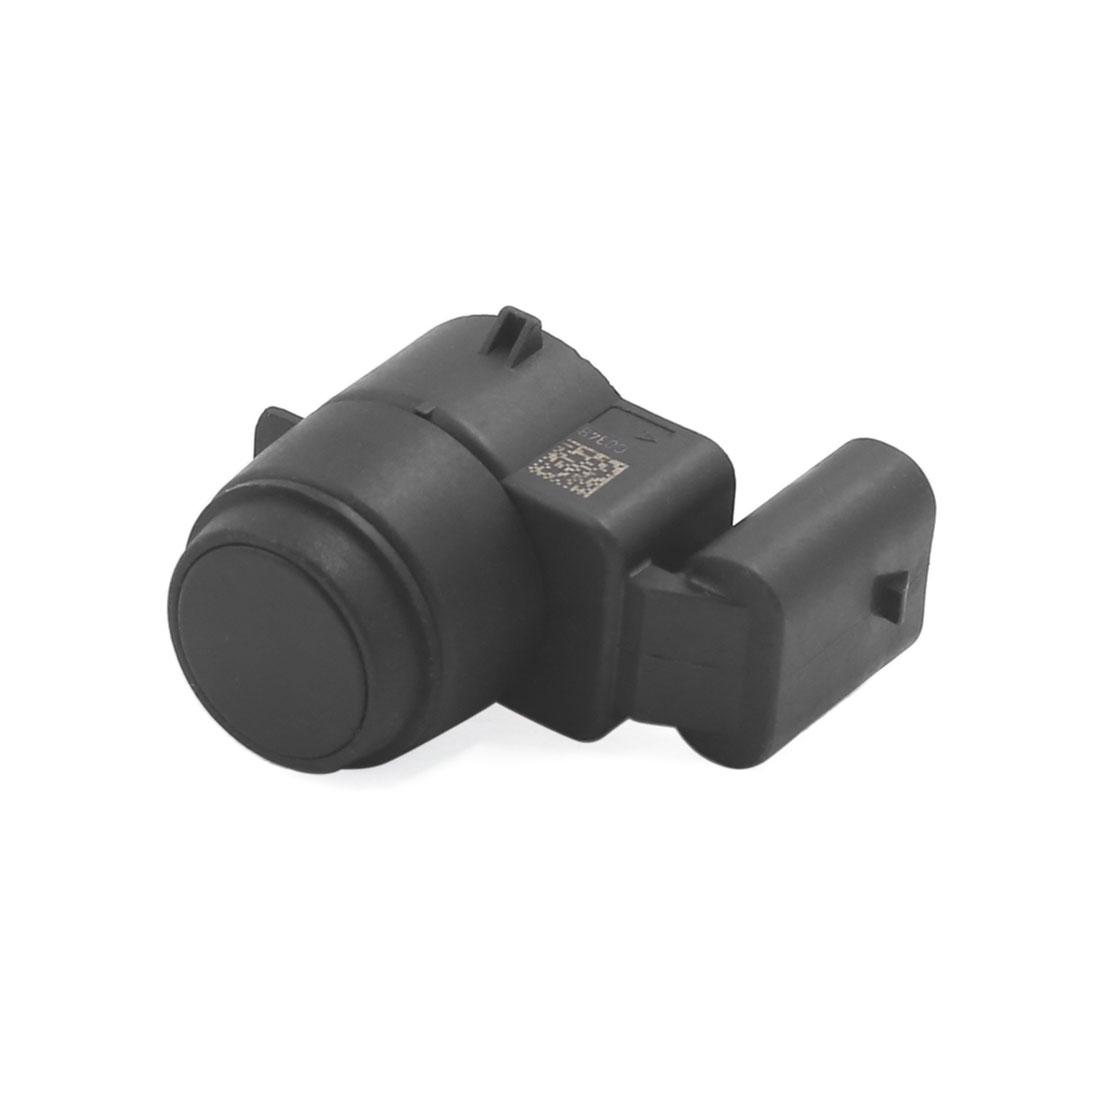 PCD Paarking Assist Sensor 6620 9196 705 for BMW X1 Z4 E81 E82 E87 E88 E90